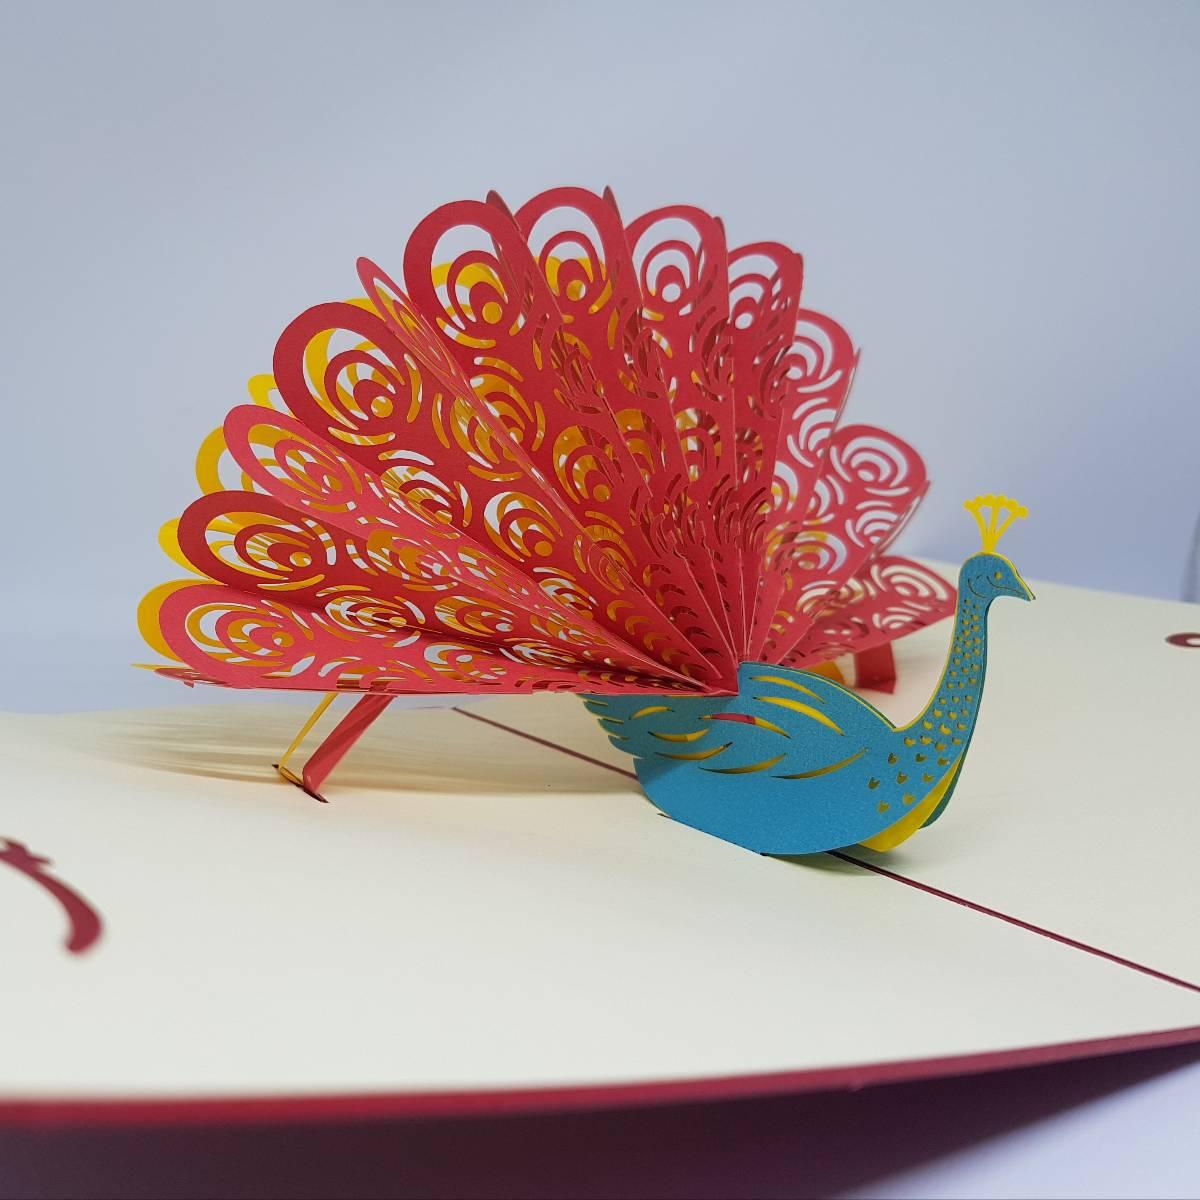 POP UP 3D CARD - Kartu Ucapan 3 Dimensi PEACOCK Greeting Card1